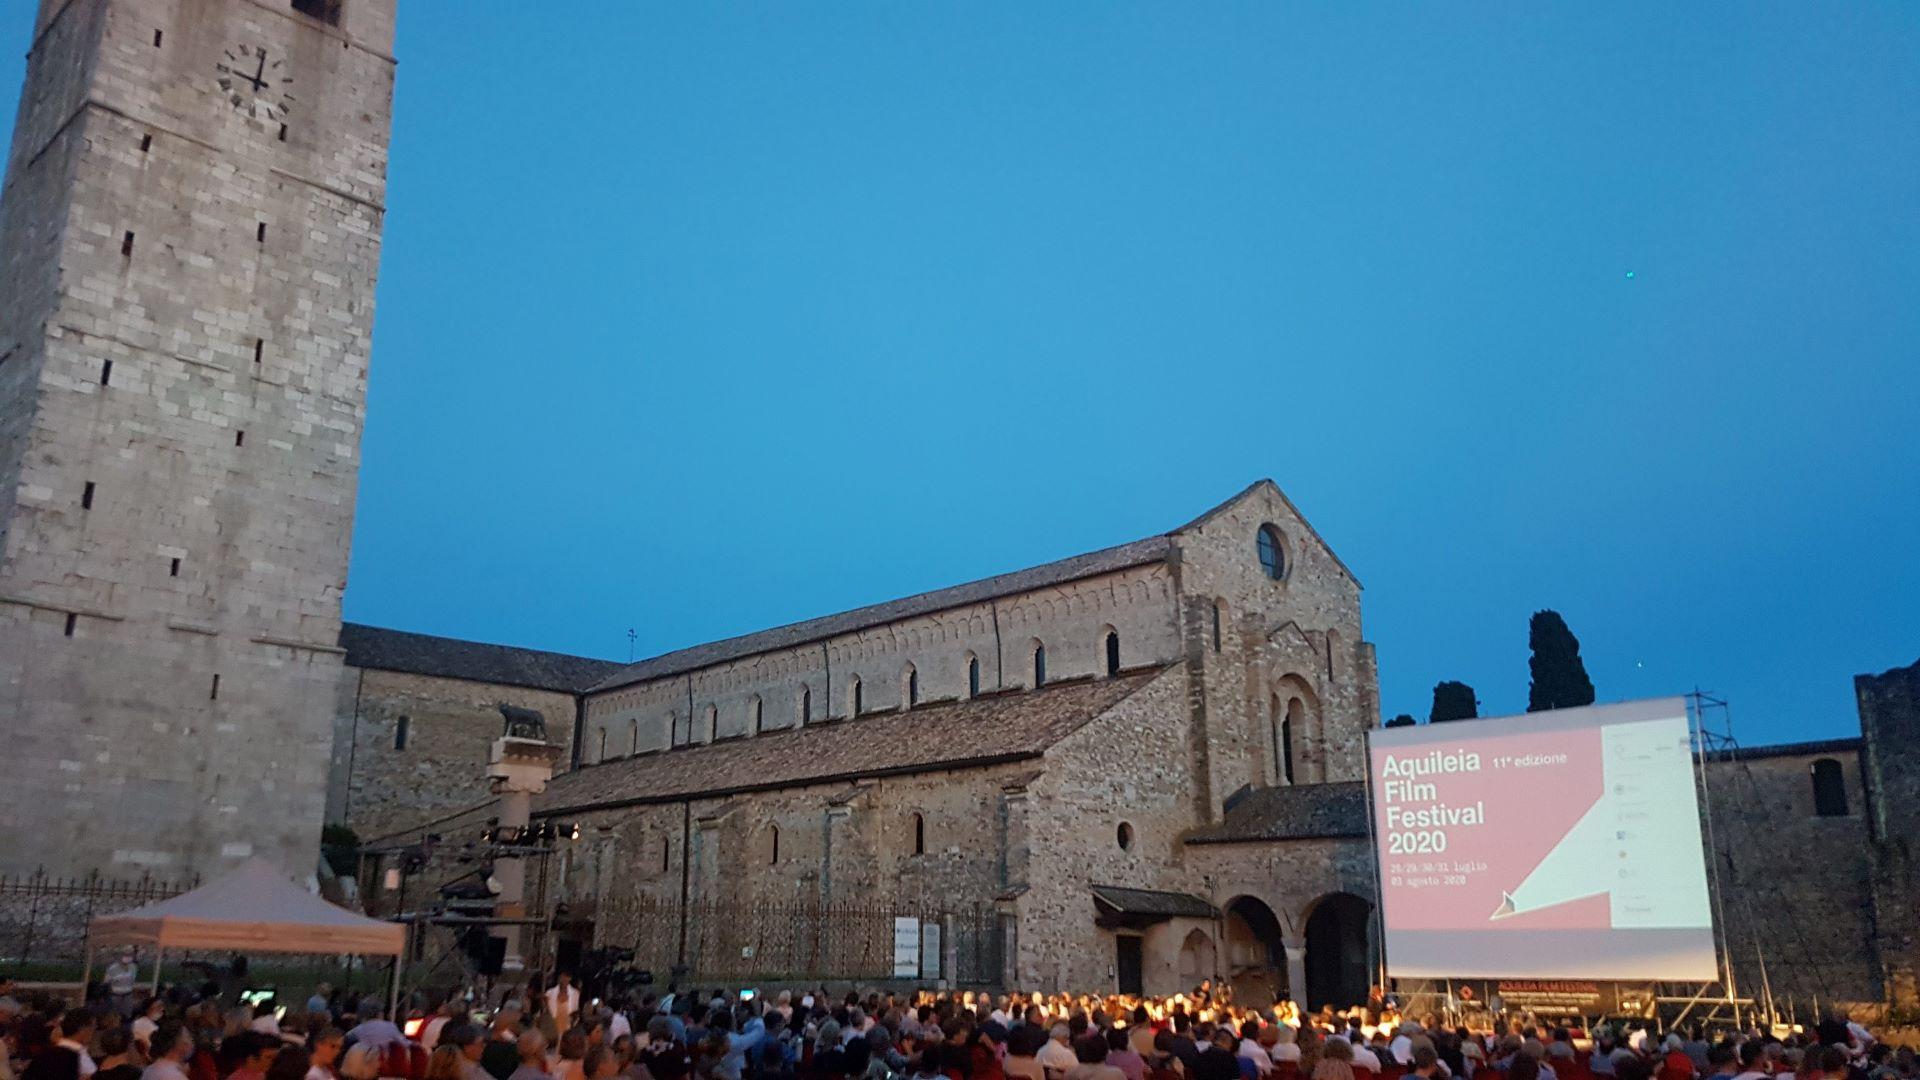 Aquileia film Festival, una rassegna tra passato e presente